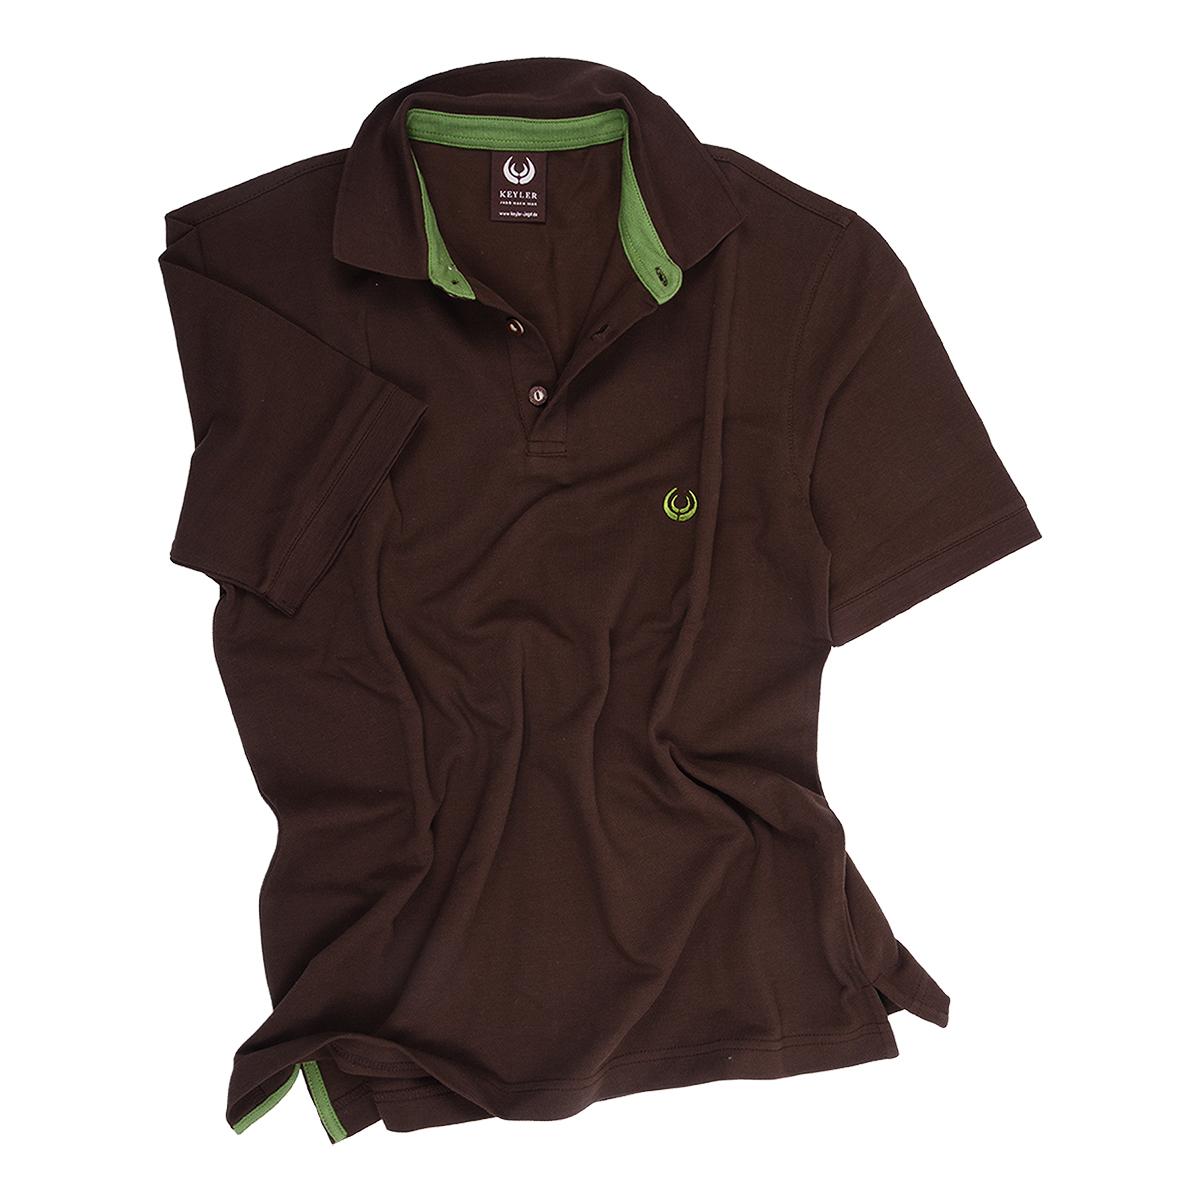 KEYLER Poloshirt Herren Dunkelbraun-Hellgrün im Keylershop